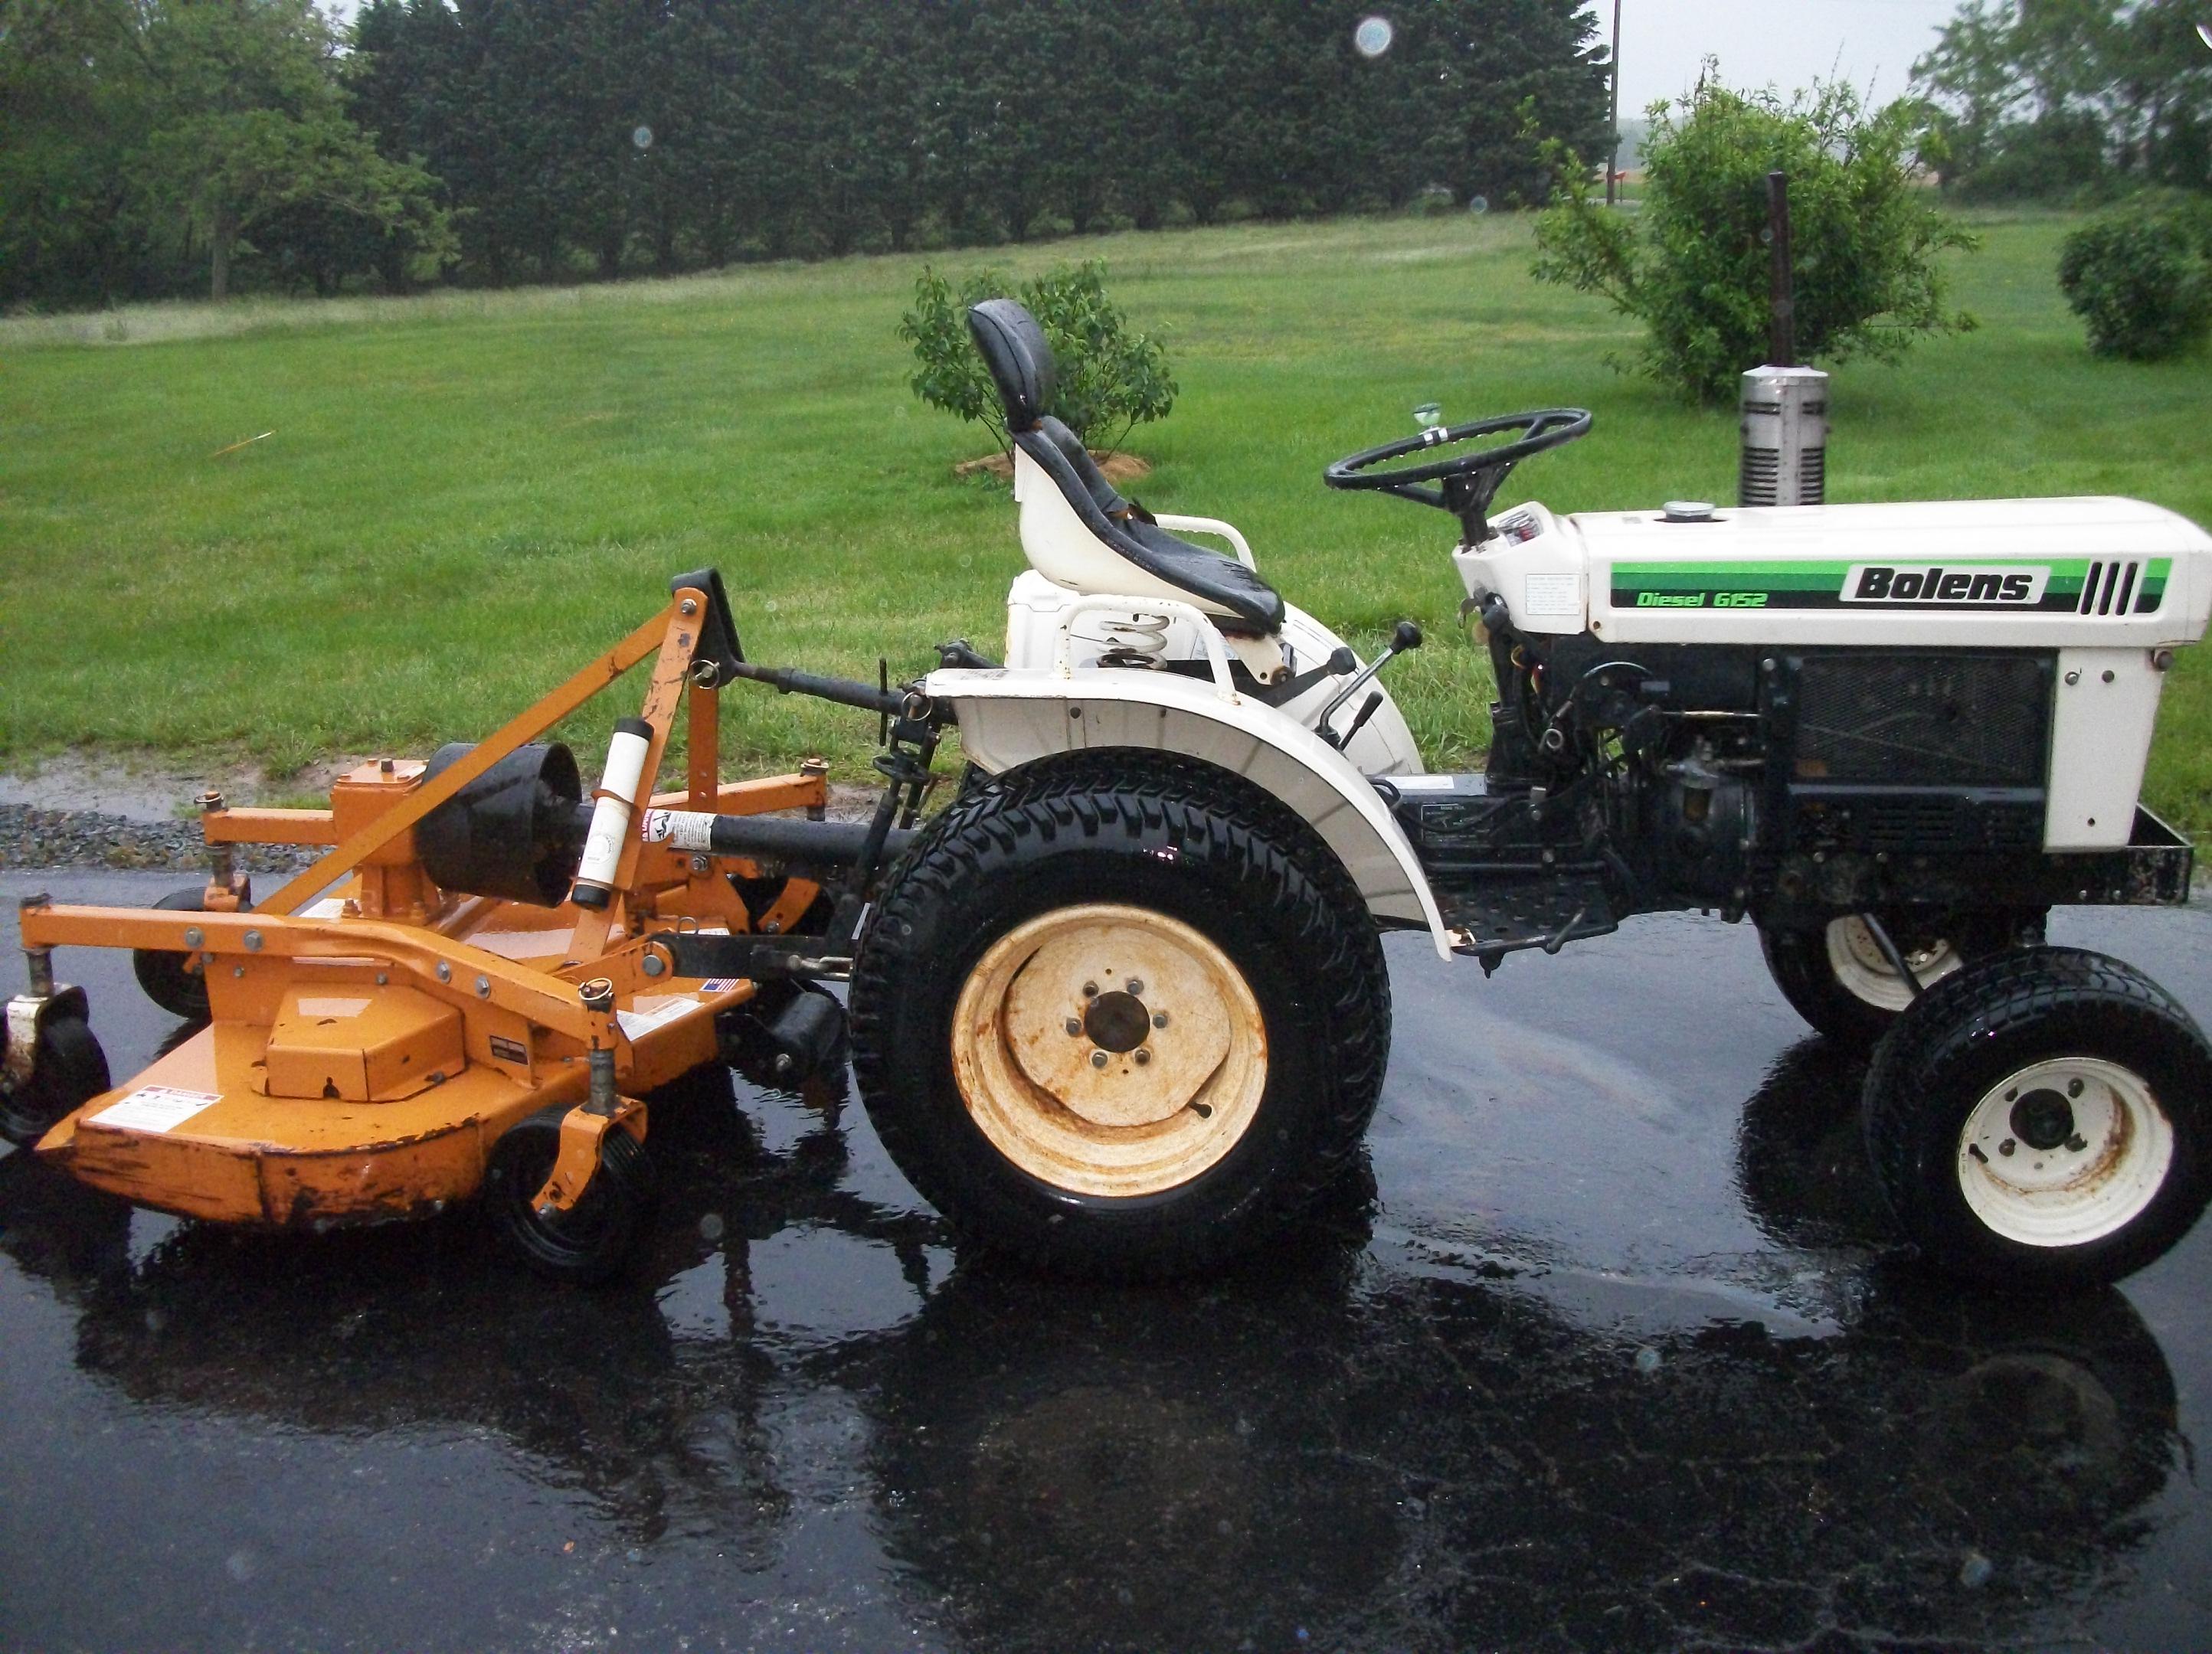 For Sale Bolens G152 diesel Delaware - MyTractorForum com